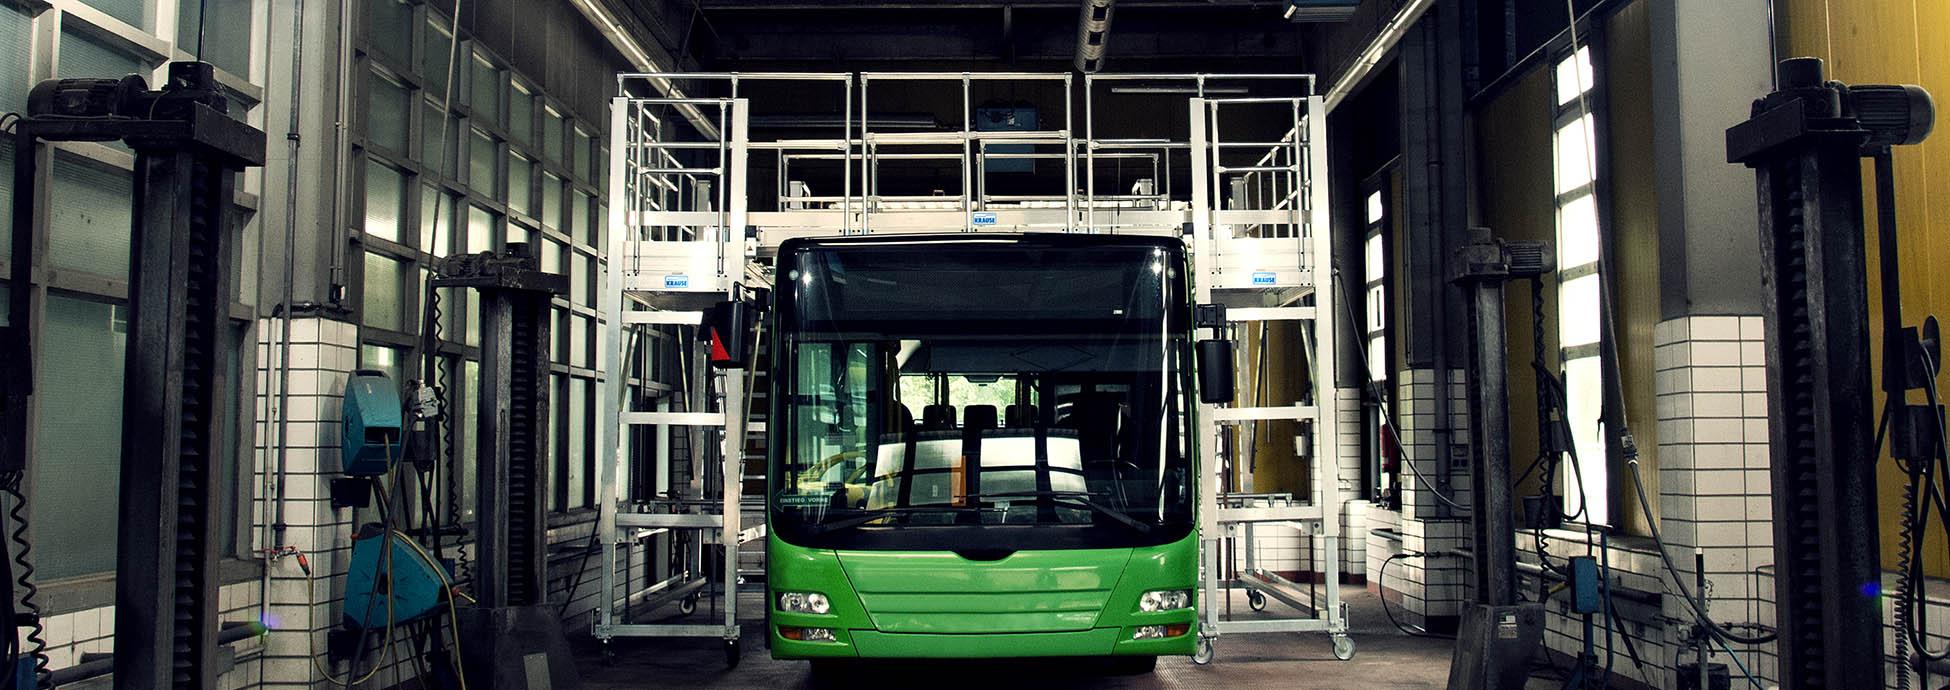 Jezdna platforma robocza do obsługi autobusów